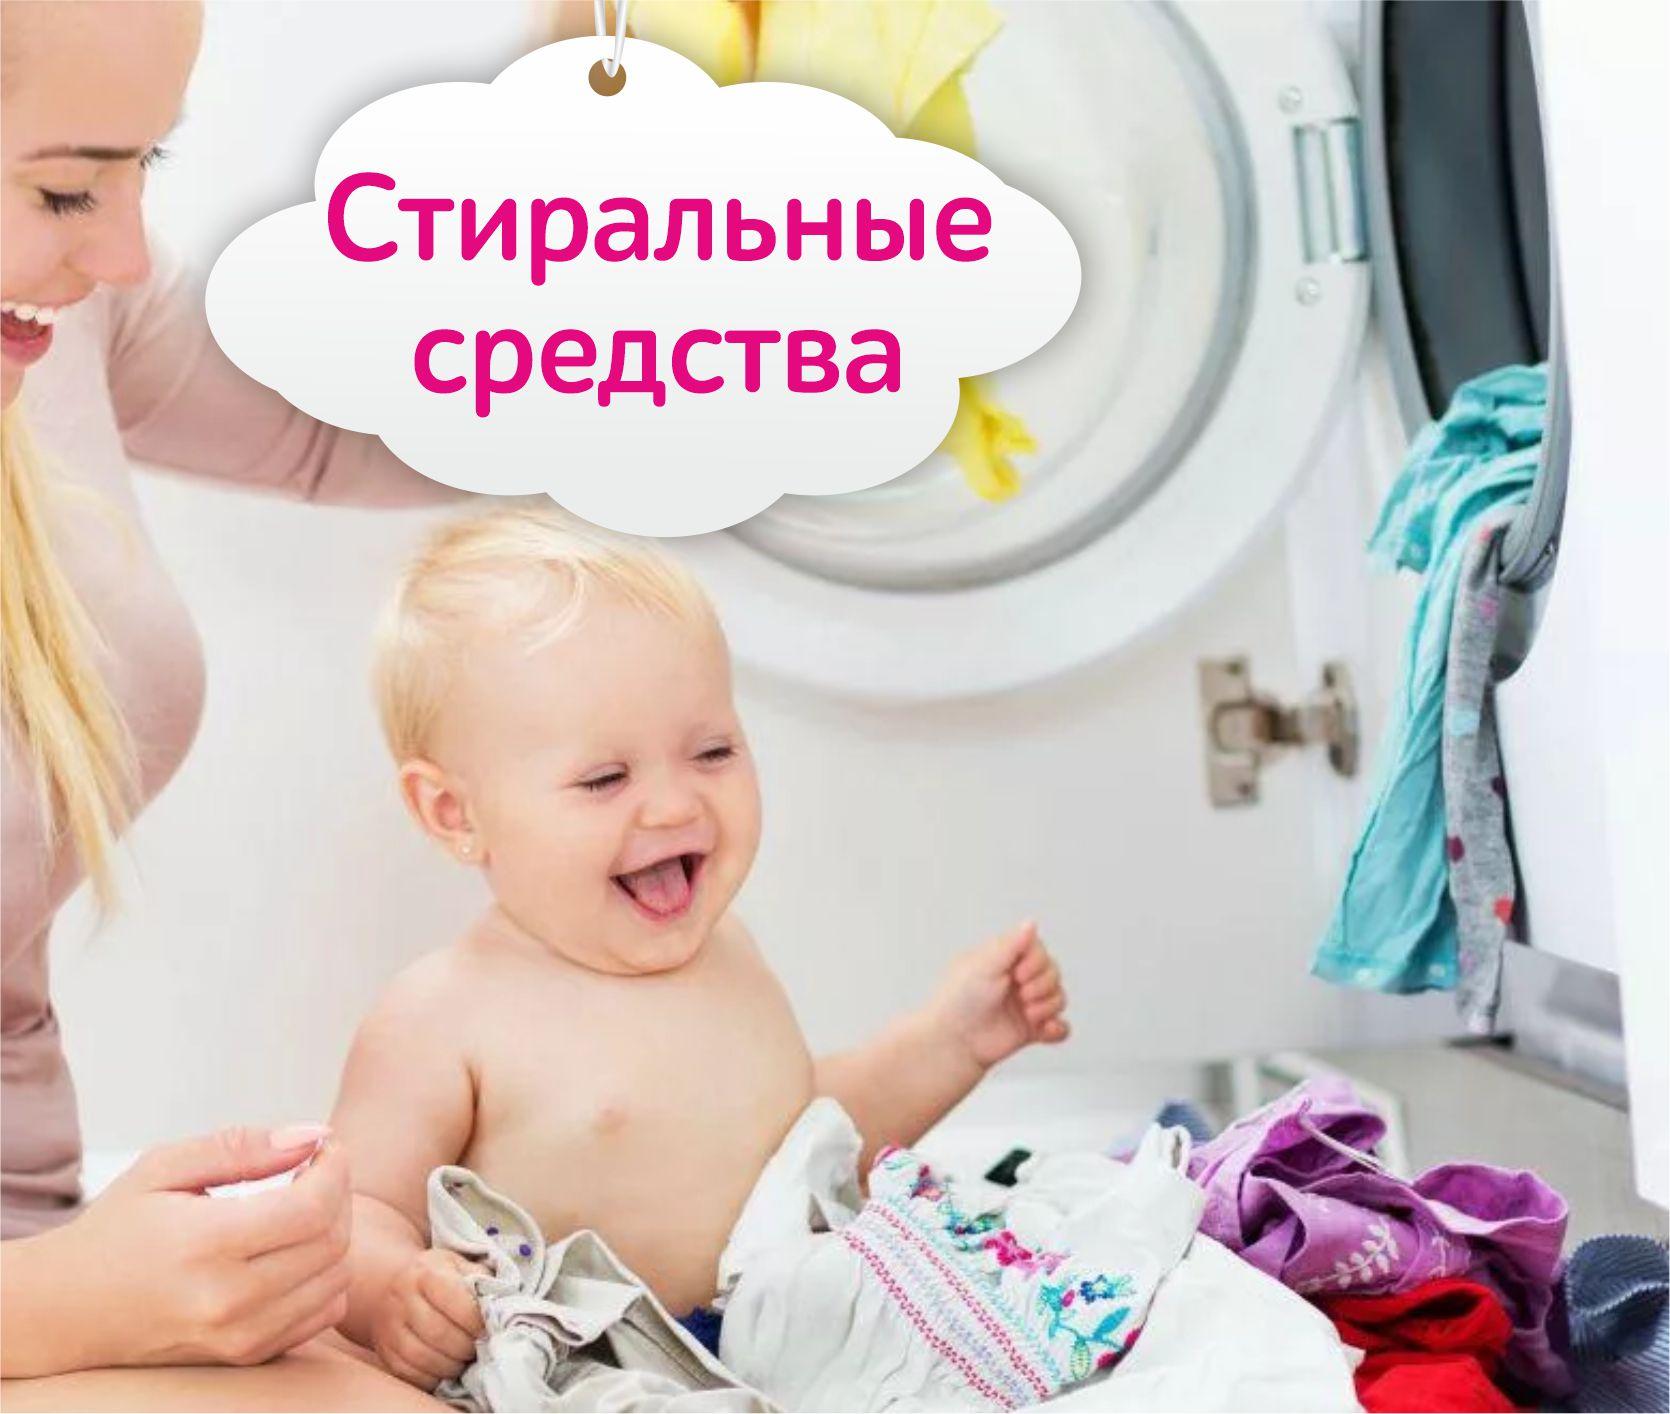 Уход и гигиена, детские